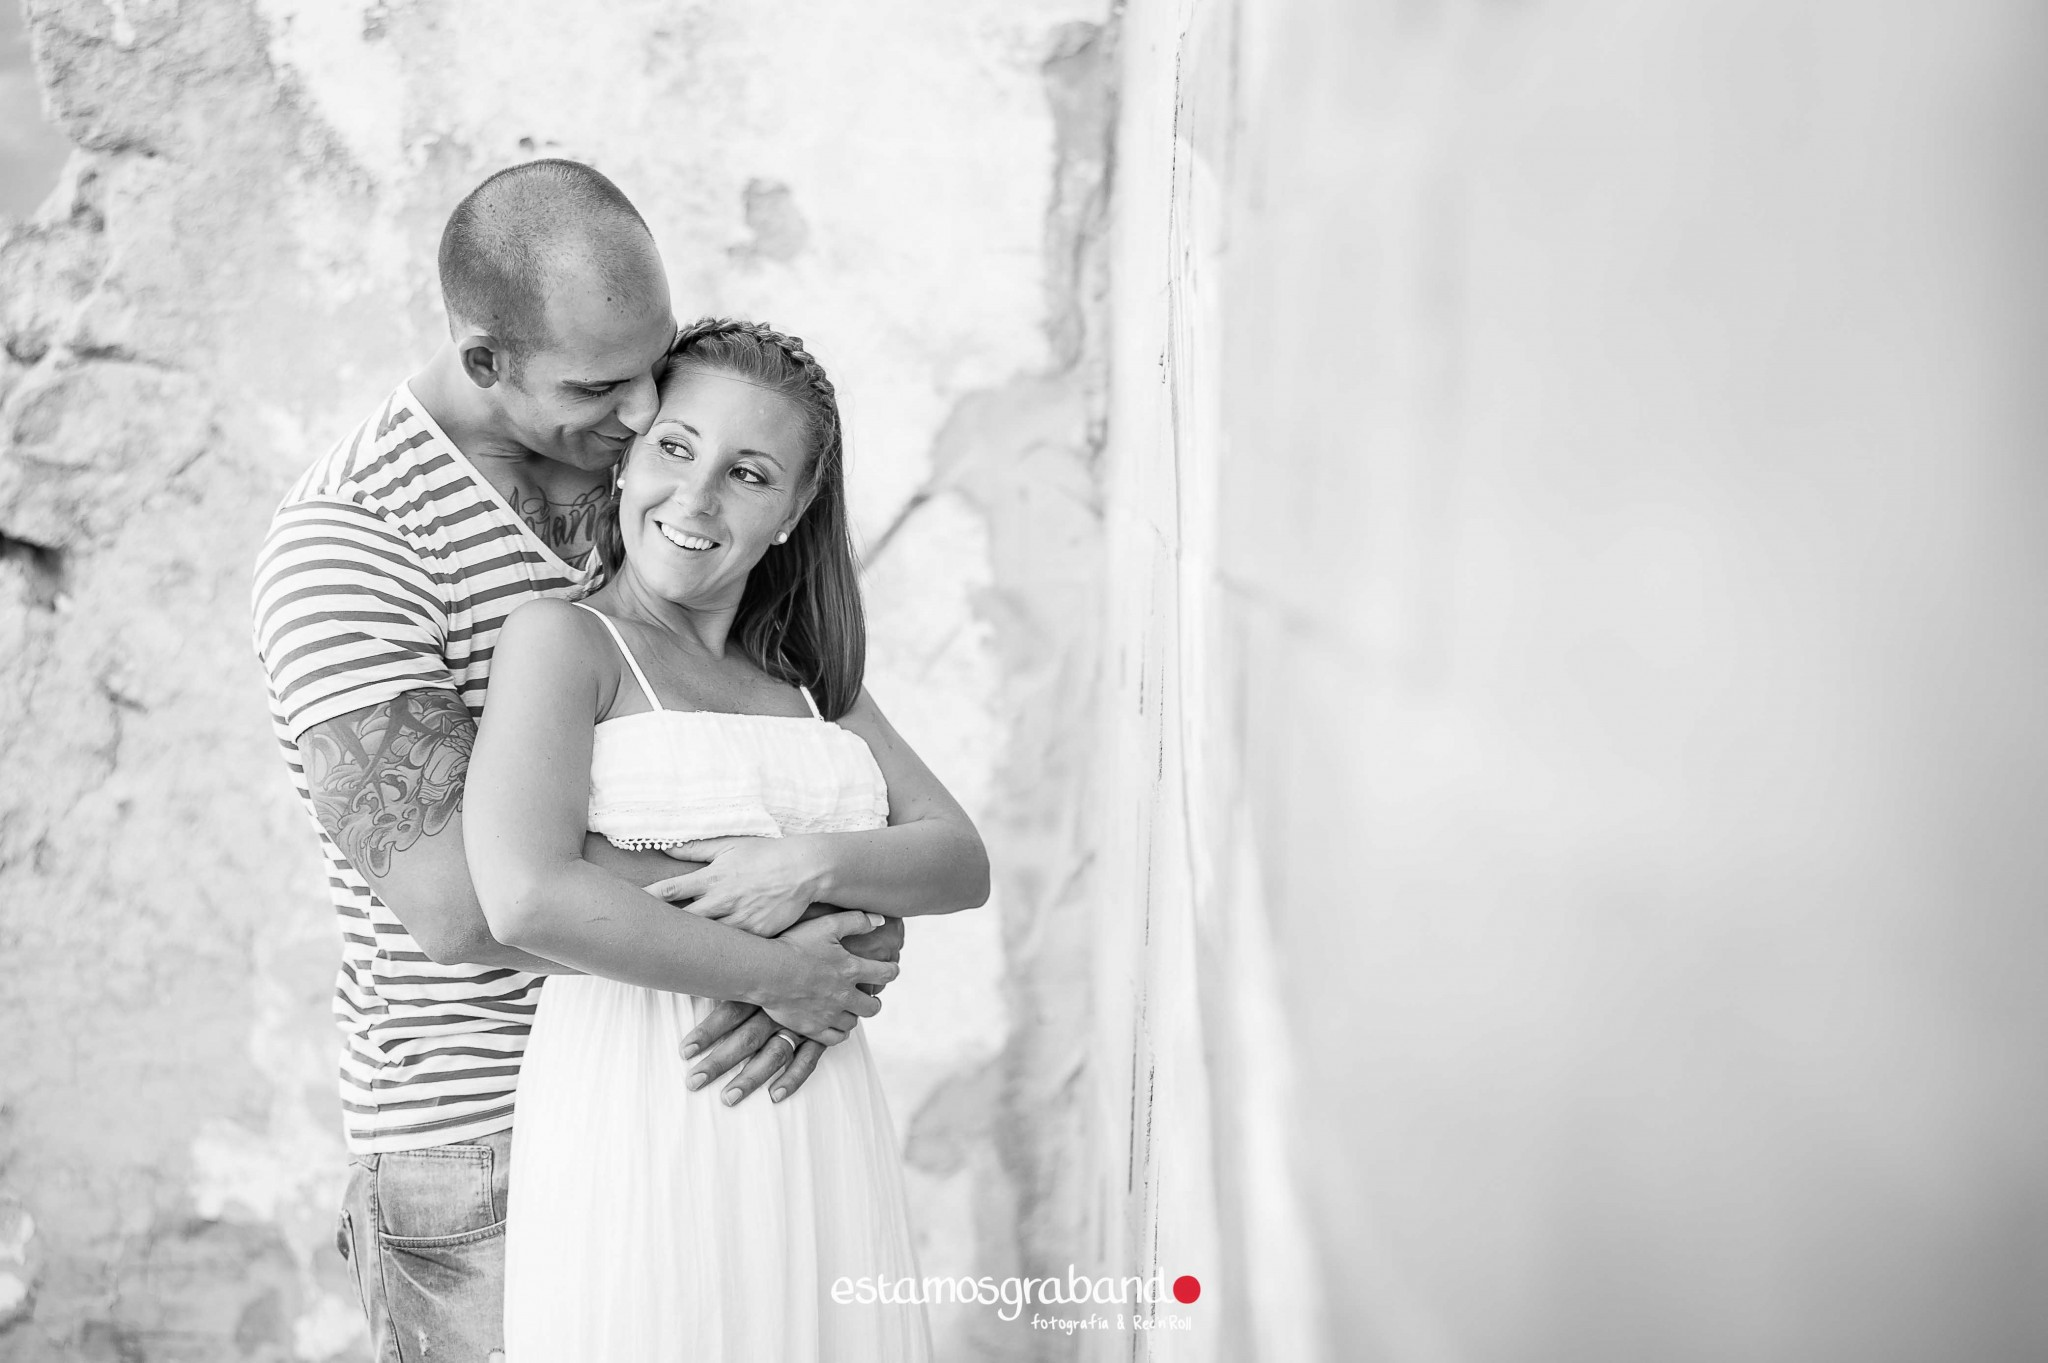 pareja-misteriosa_estamosgrabando-4 Sancti Petri y sus luces [Preboda Raquel & Ale] - video boda cadiz